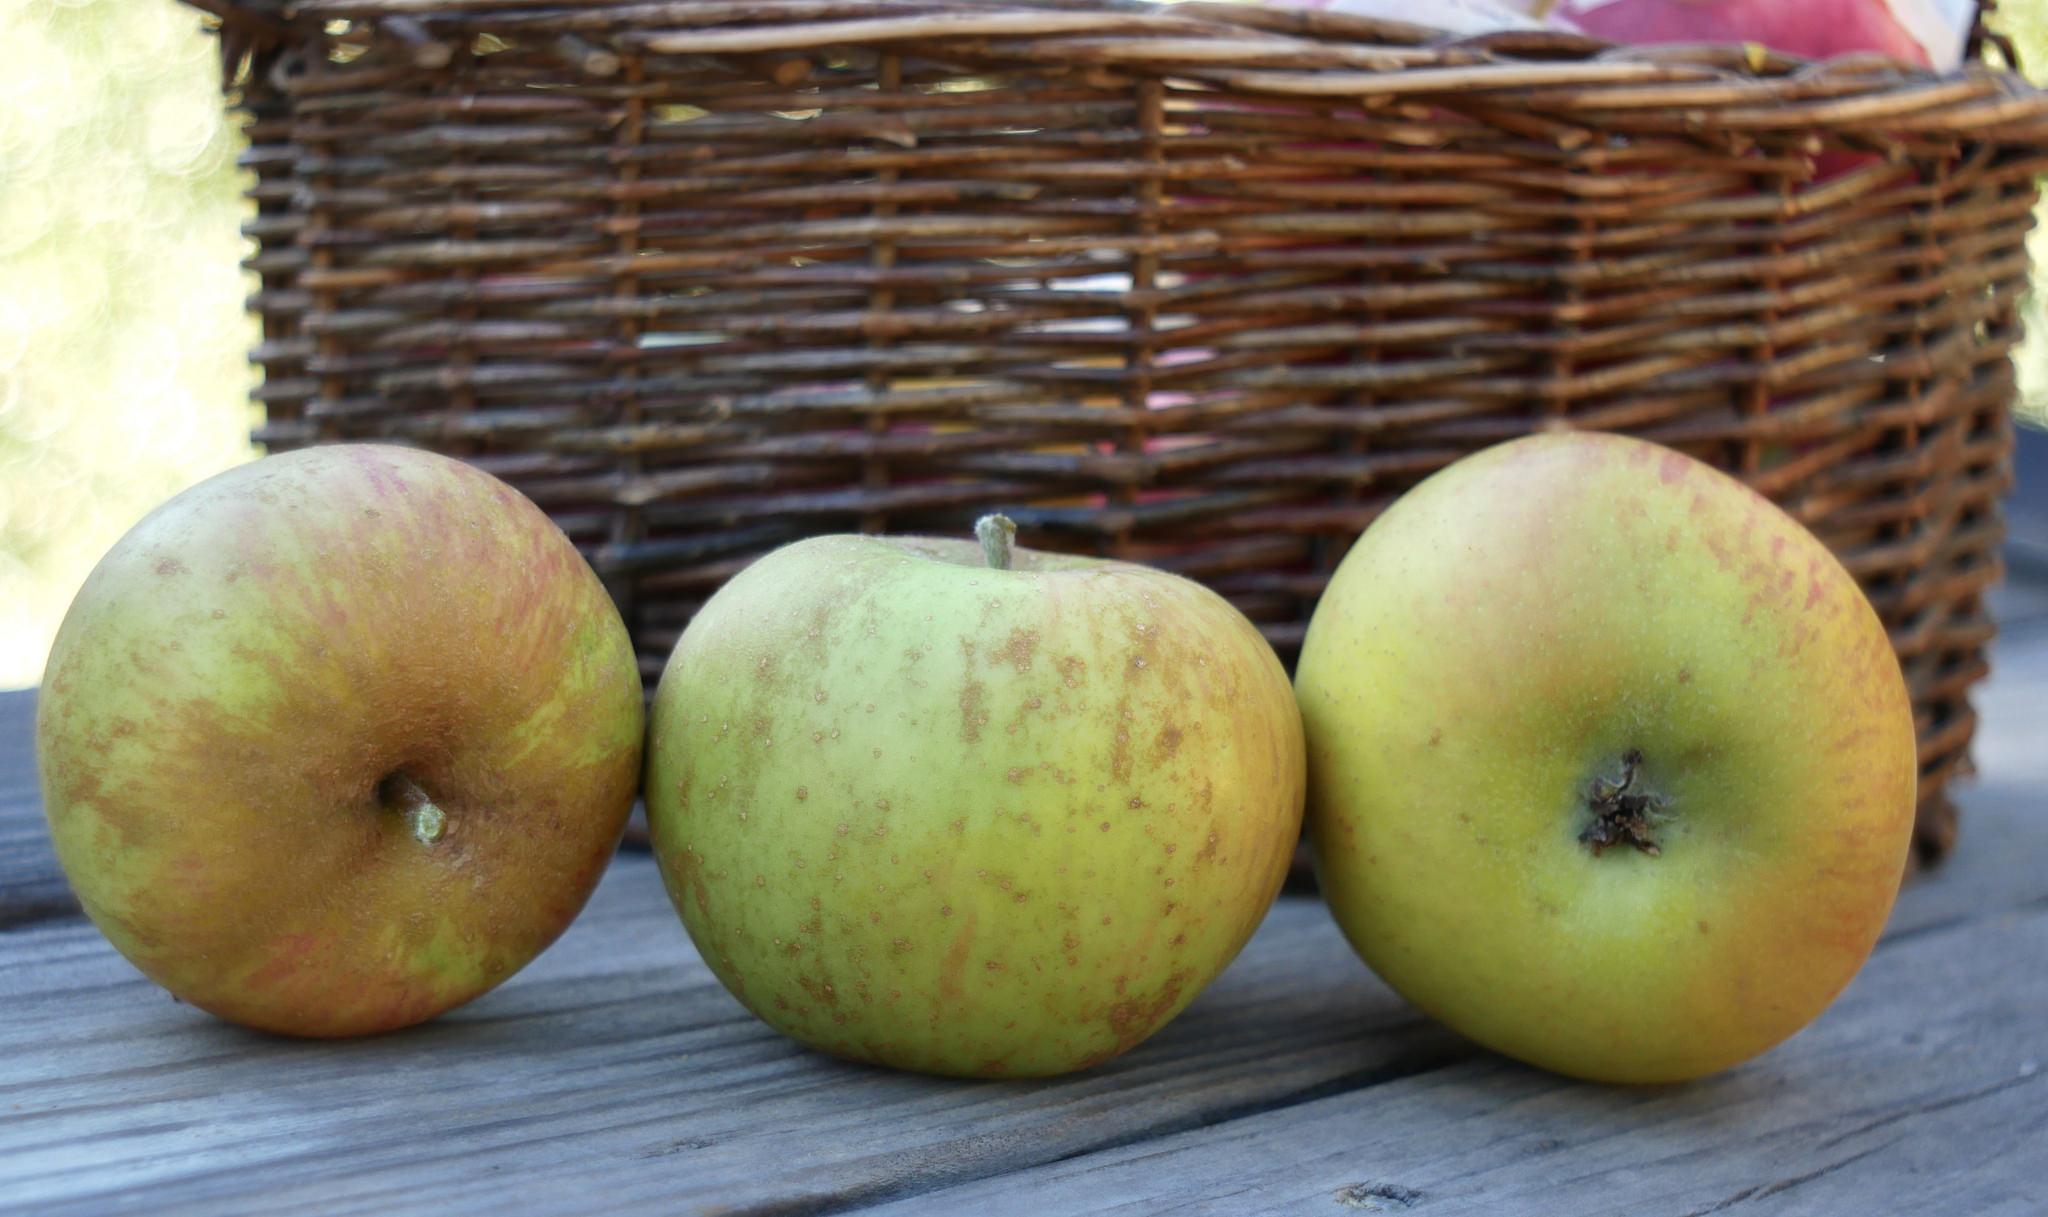 Zabergau Reinette Apple Variety